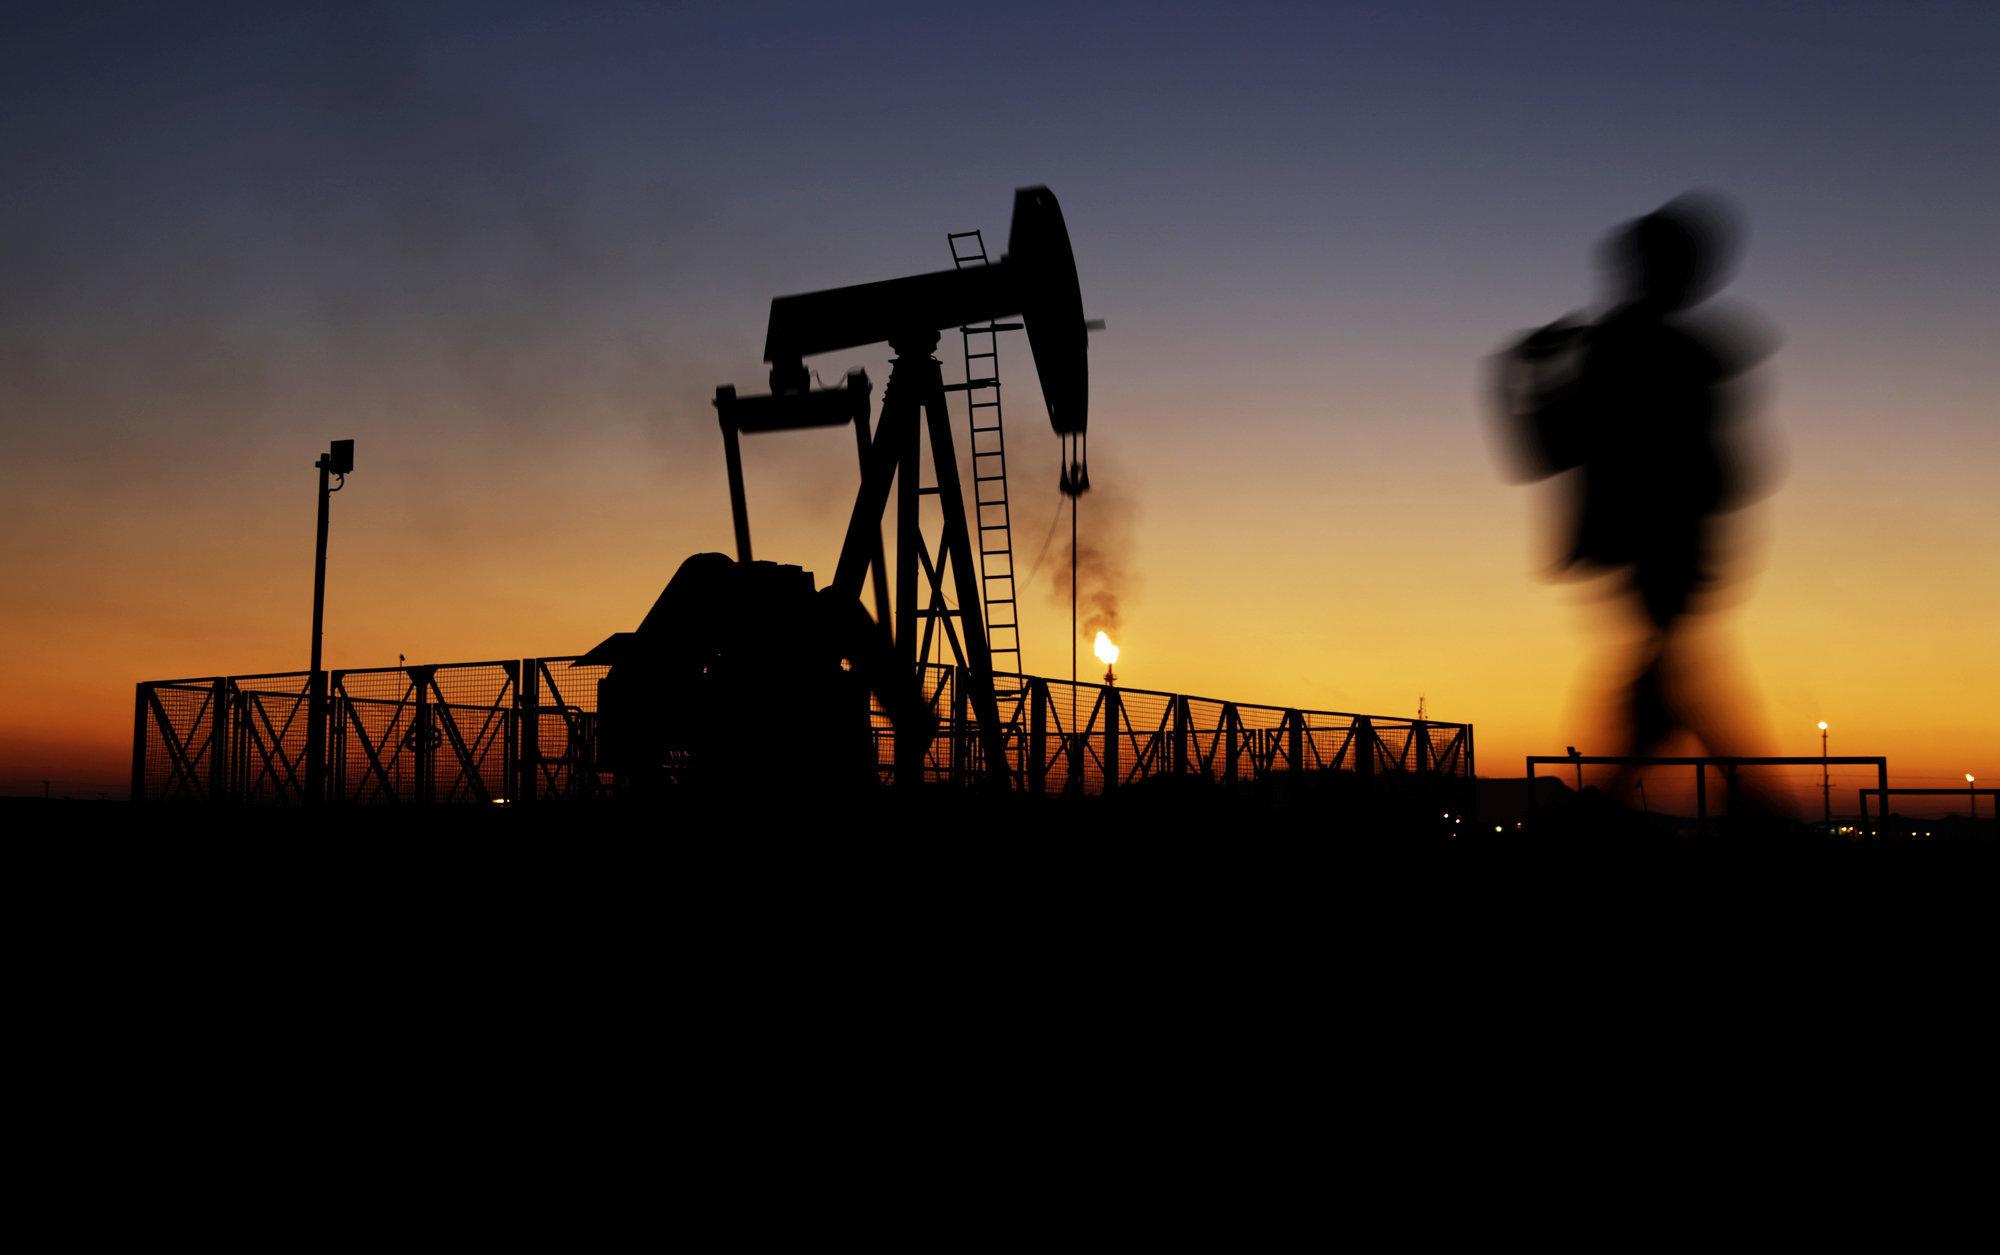 Встреча по вопросам нефти в Дохе закончилась катастрофой